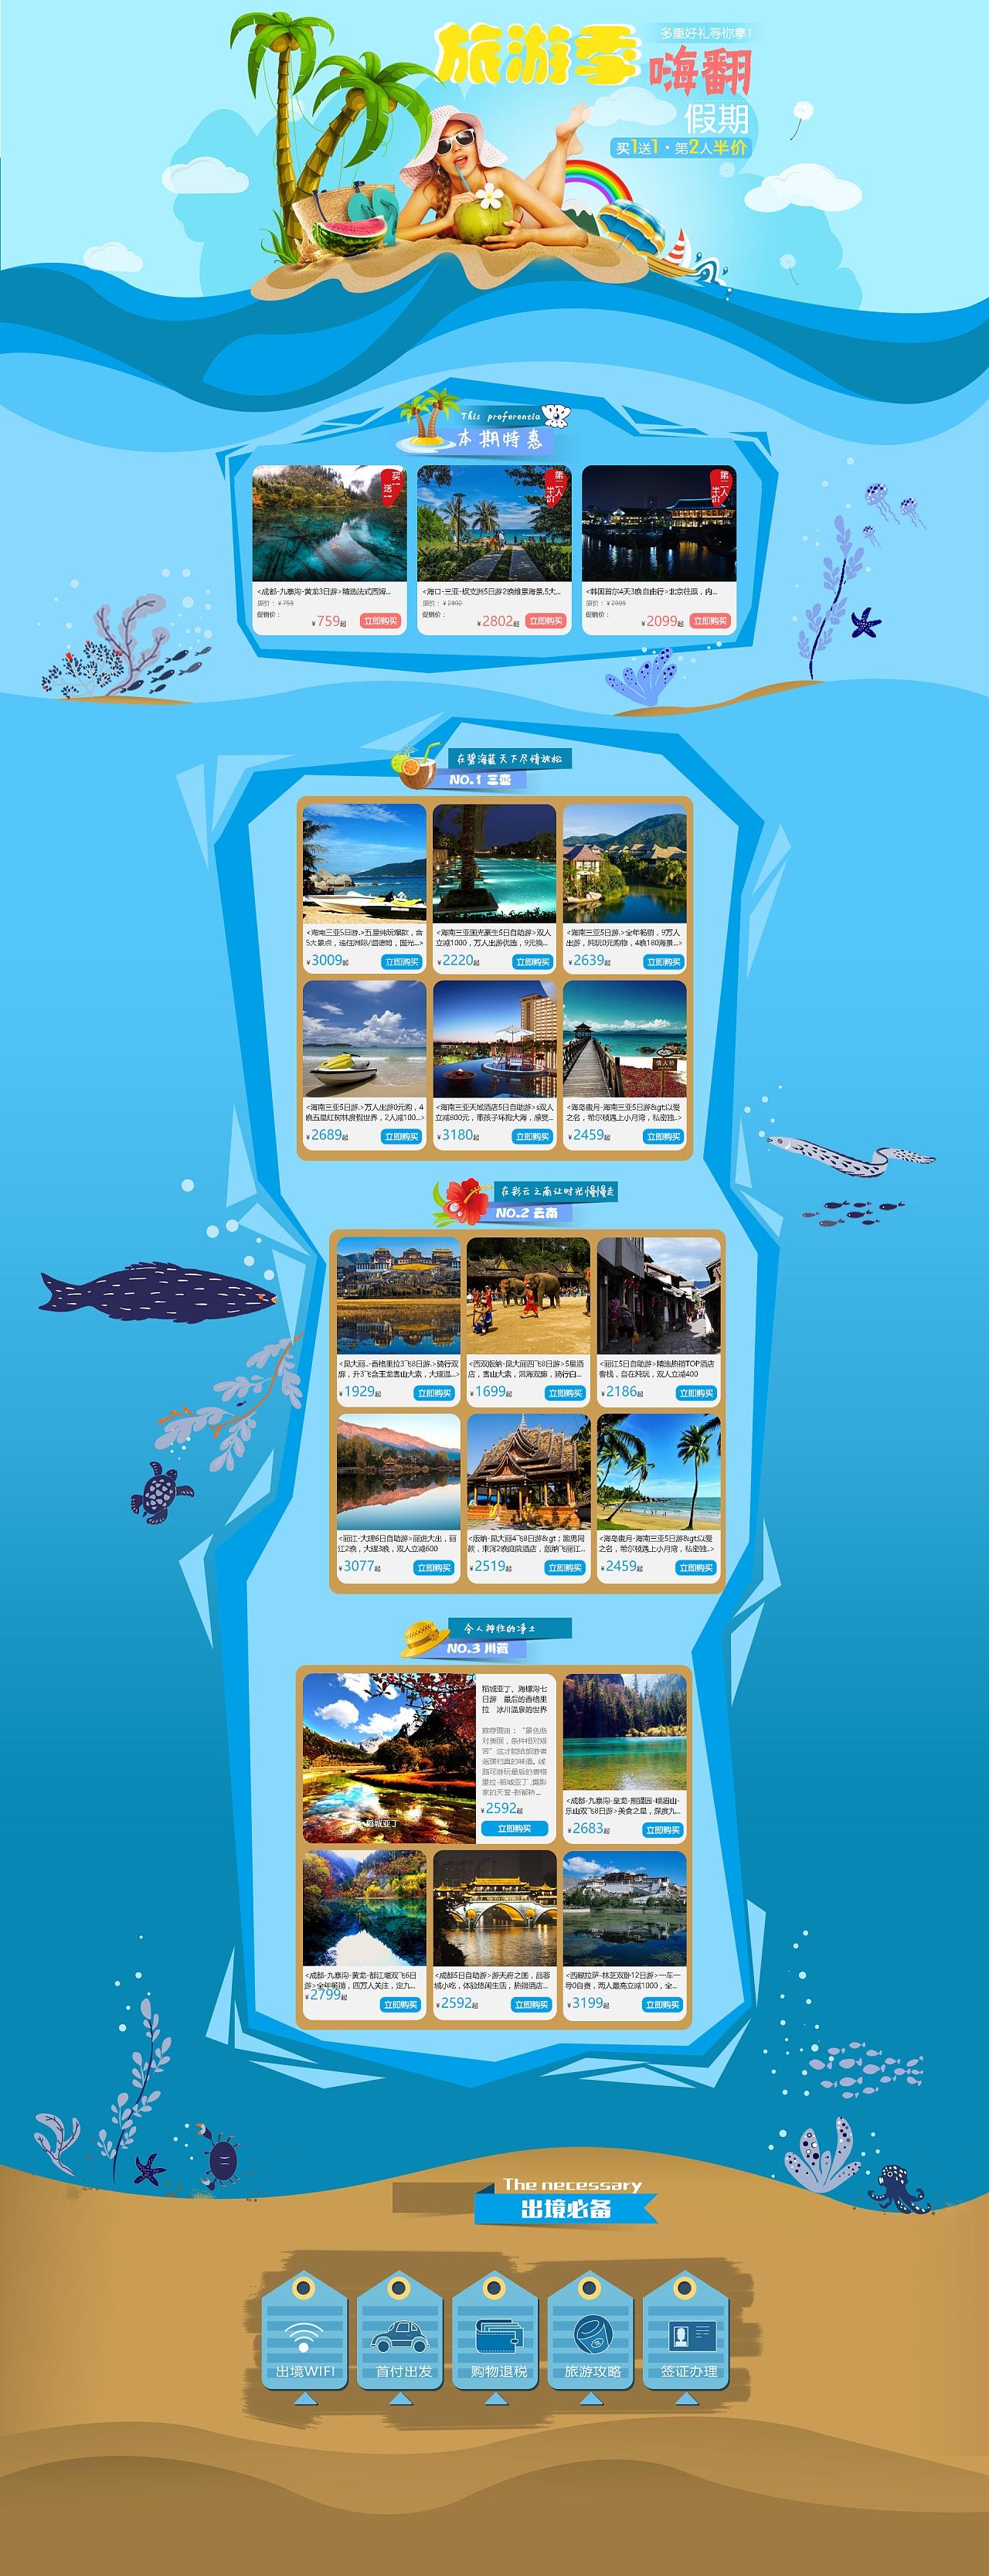 沙滩美女_专题页|网页|运营设计|我的设计之家 - 原创作品 - 站酷 (ZCOOL)